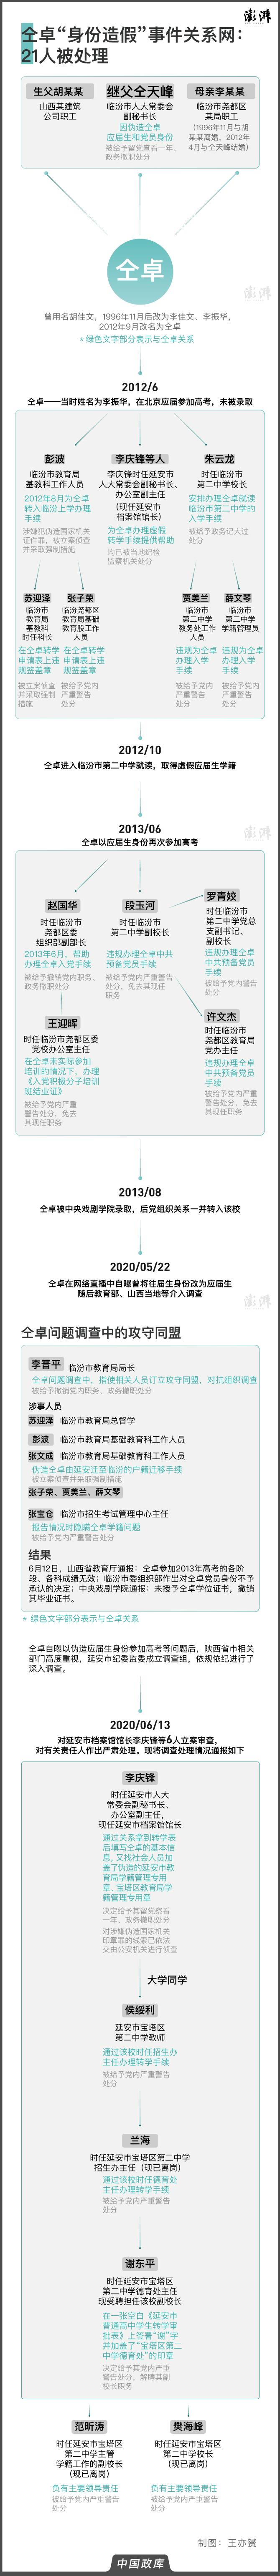 【网站收录情况】_仝卓身份造假事件关系网延伸,临汾、延安21名责任人被处理